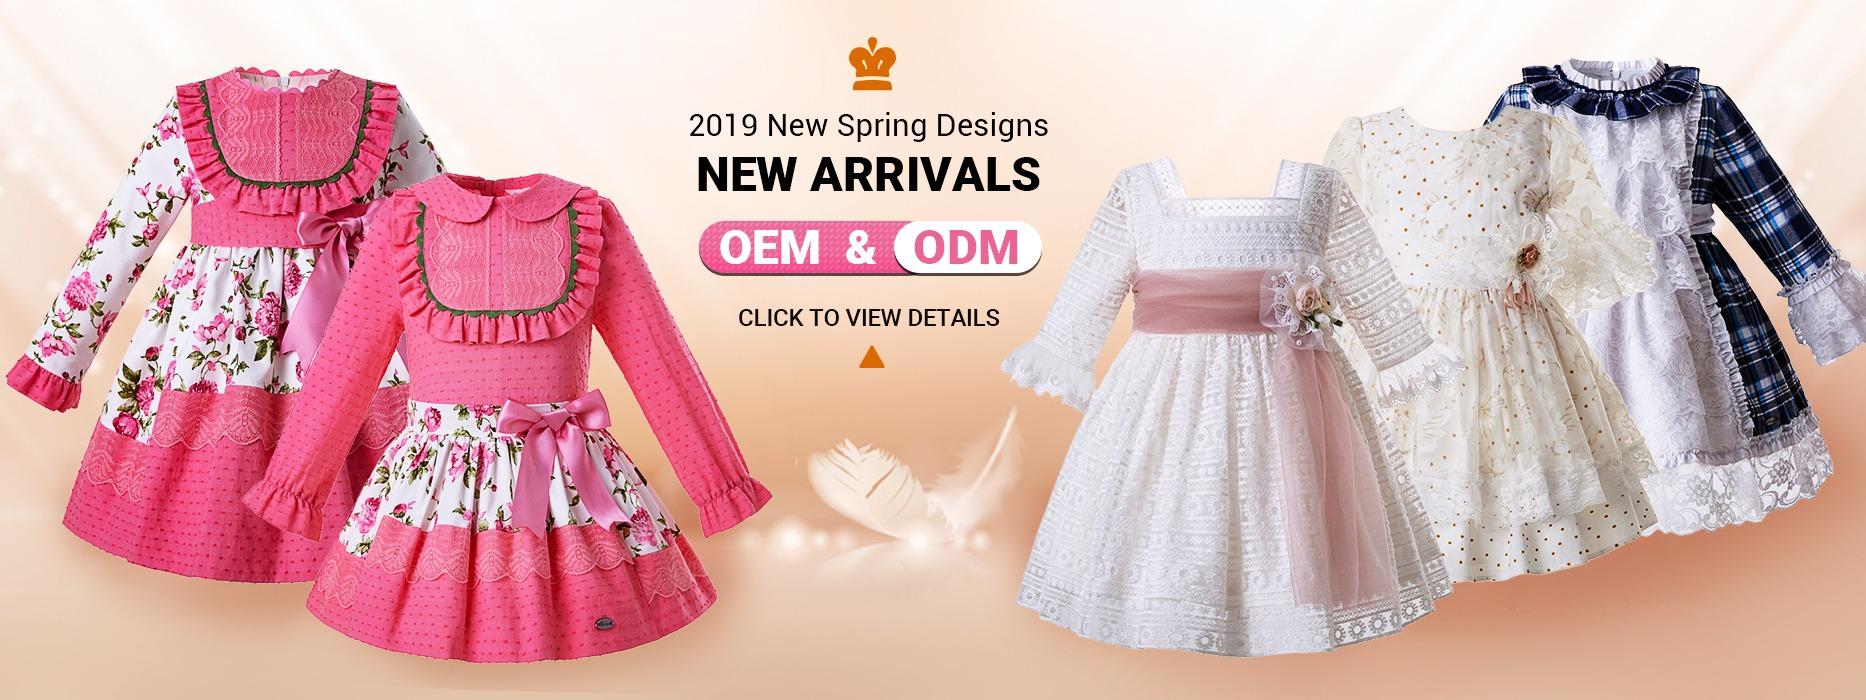 ed41ad362 Guangzhou Yi Ai Trading Co., Ltd. - girl dress, girl party dress